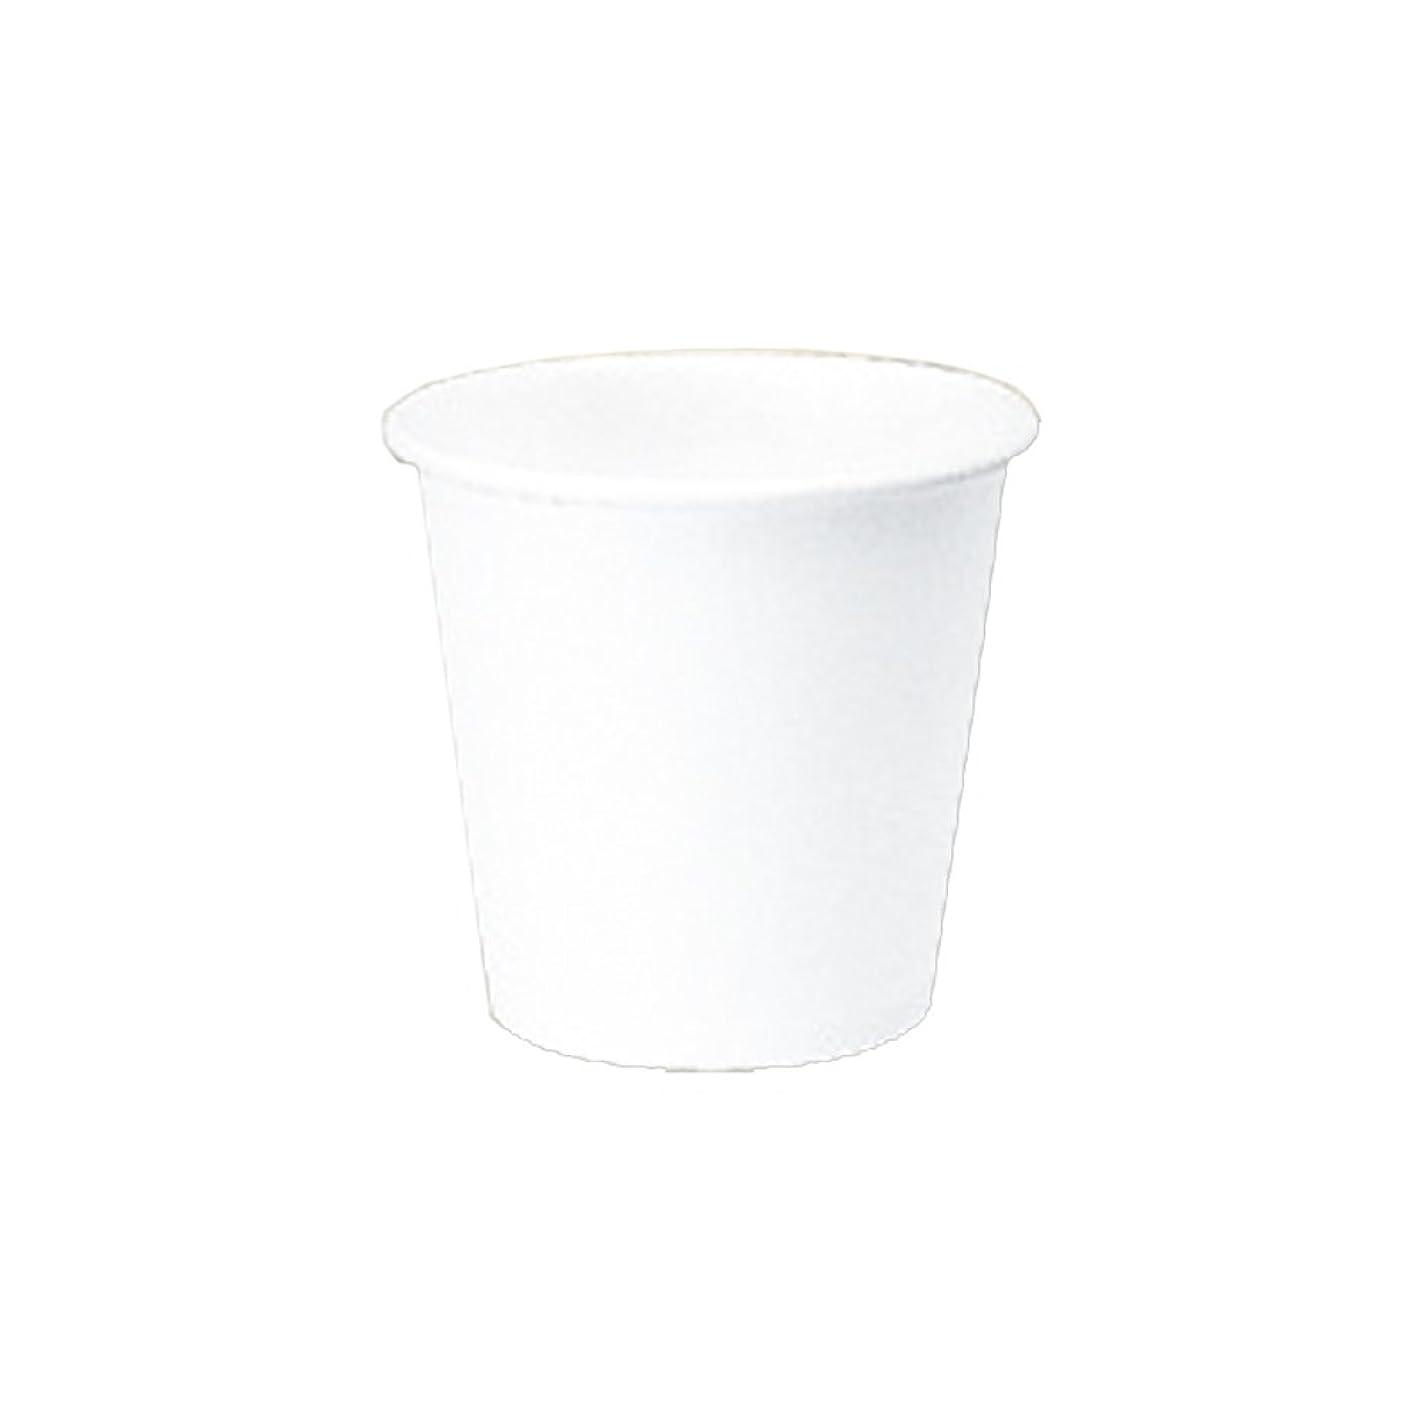 シルクあそこホステスアズワン ペーパーカップ 60mL 1パック(100個入) /2-3602-01